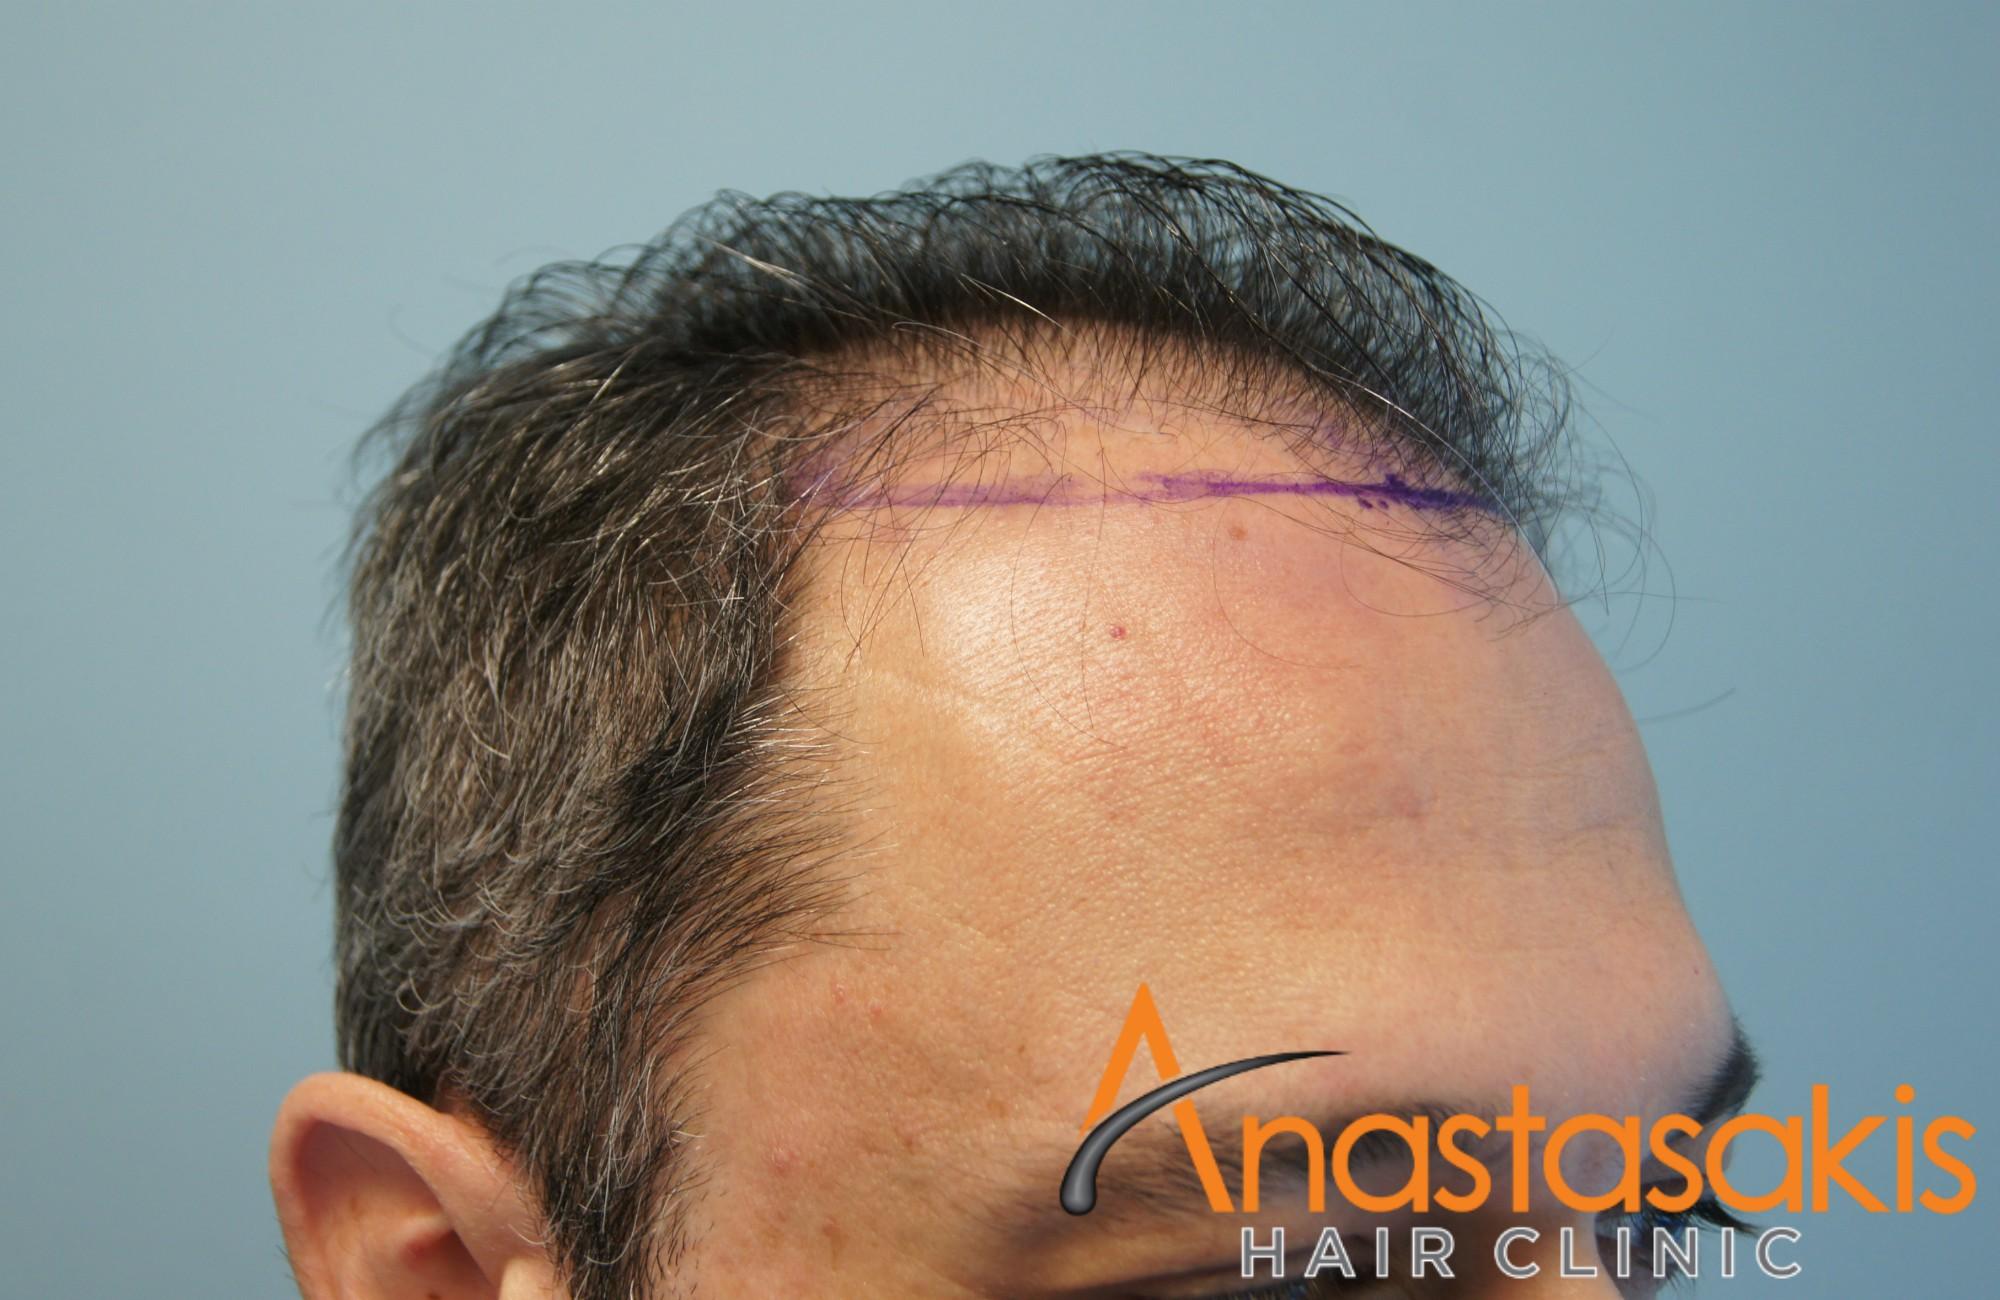 άνδρας πριν την μεταμόσχευση fut με 2700fus αριστερό προφίλ 2